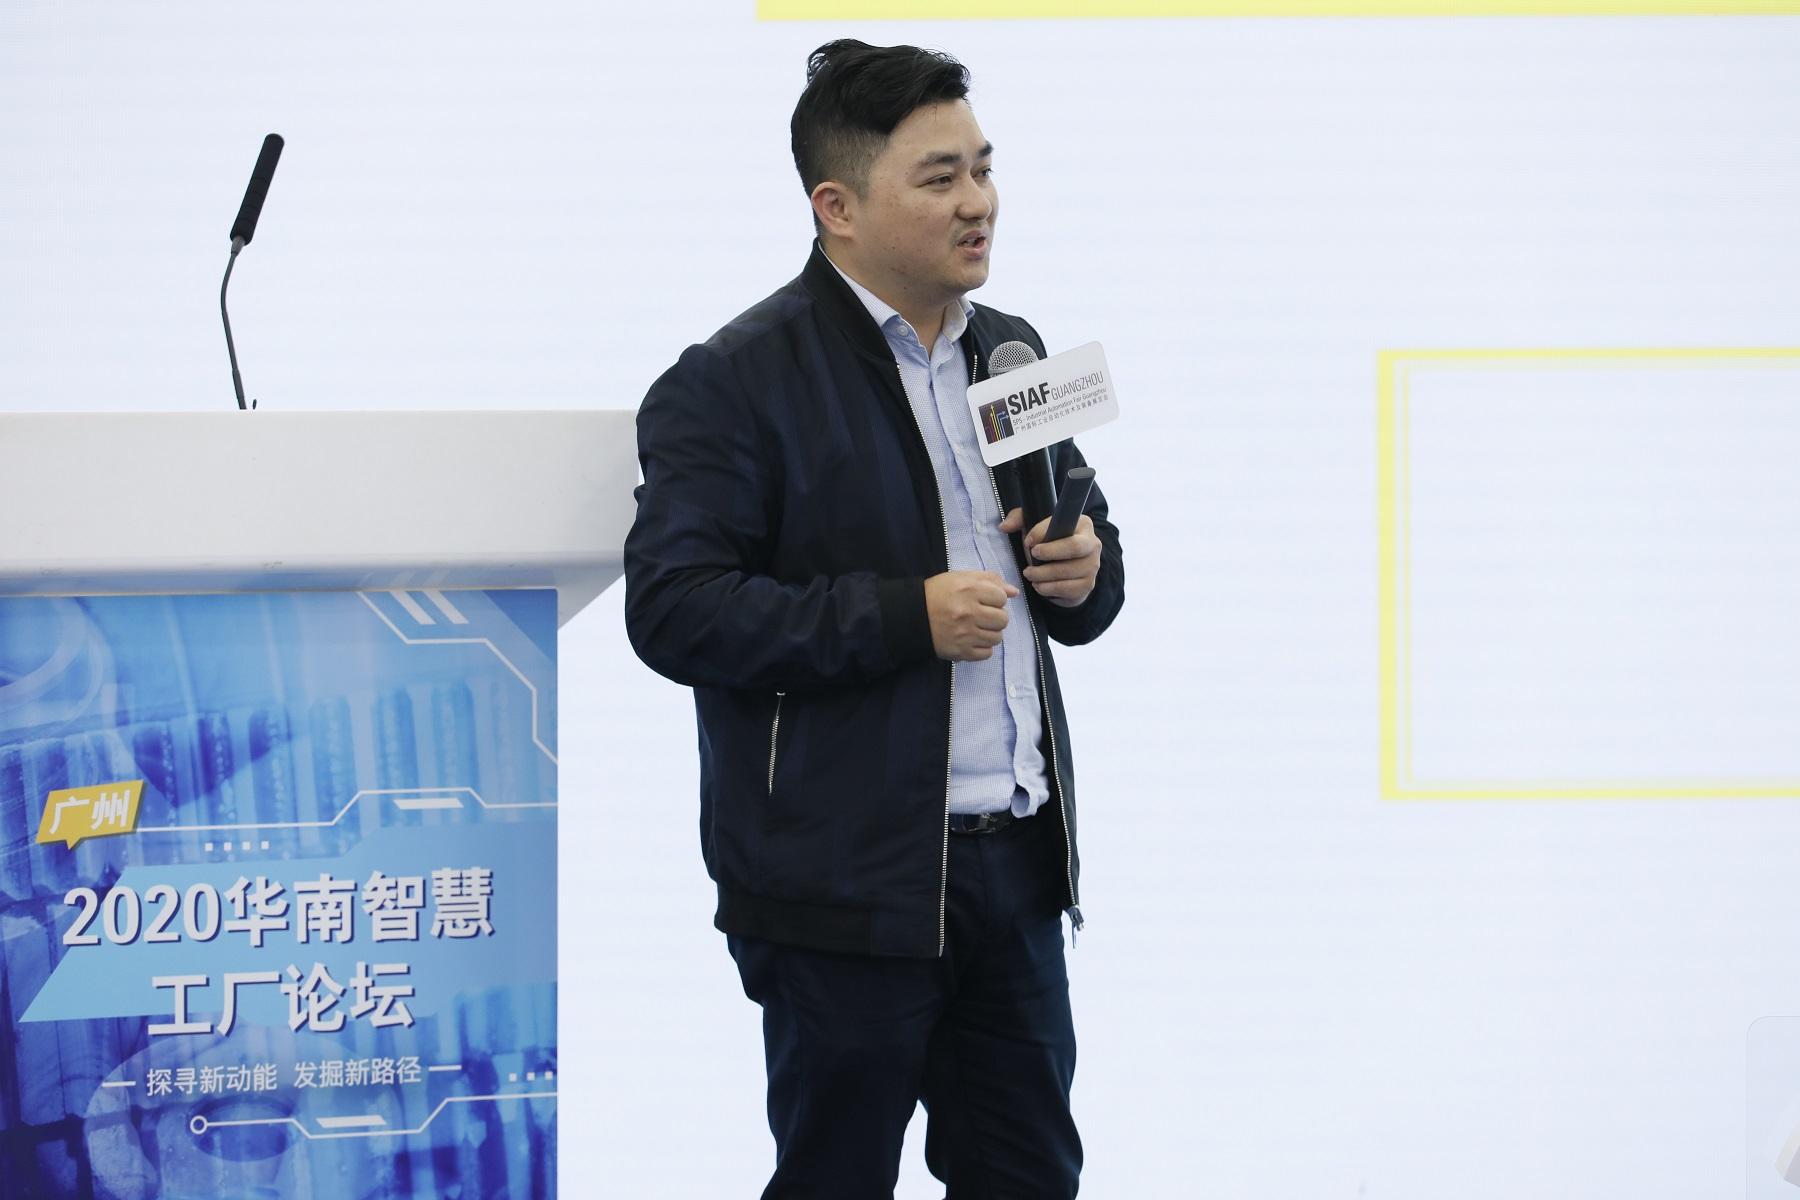 广州中和互联网有限公司总经理黄土荣